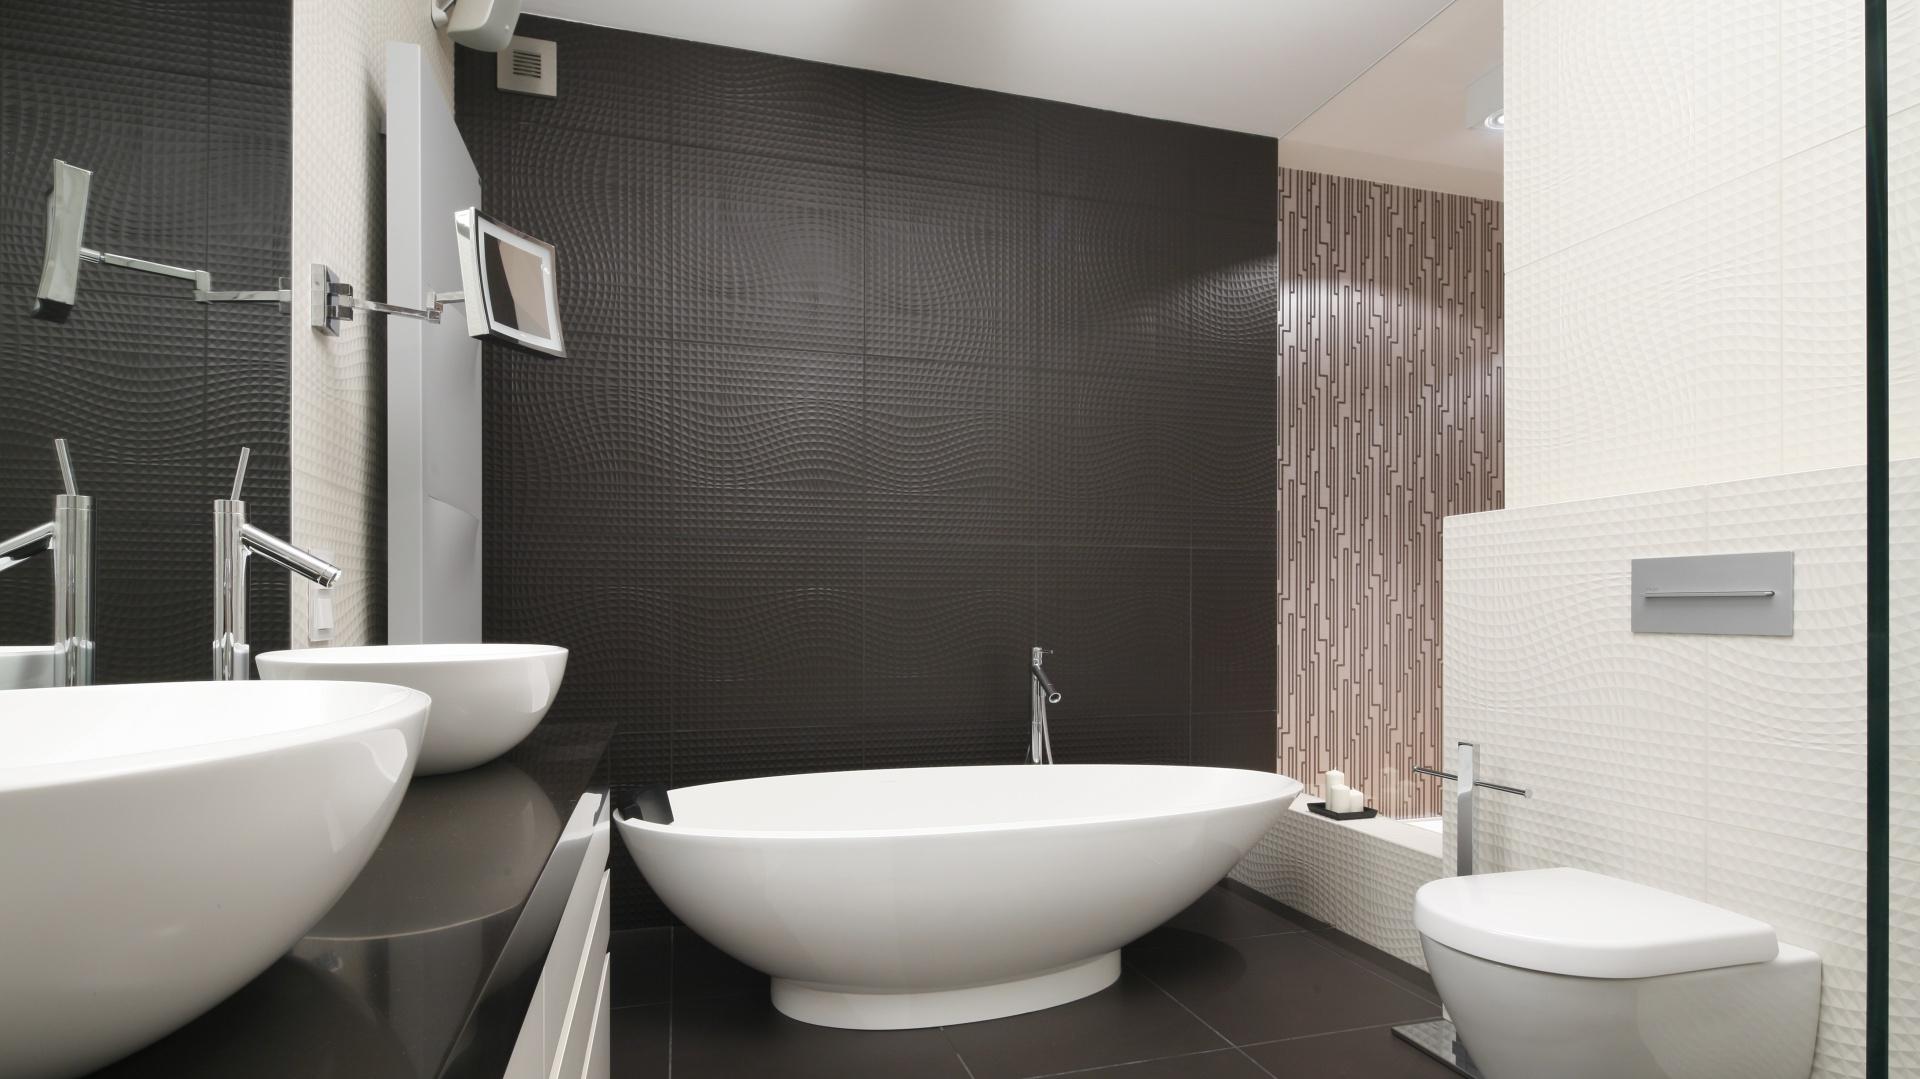 Ścianę w łazienkce zdobią piękne dekoracyjne płyki o ciekawej fakturze. Projekt: Justyna Smolec. Fot. Bartosz Jarosz